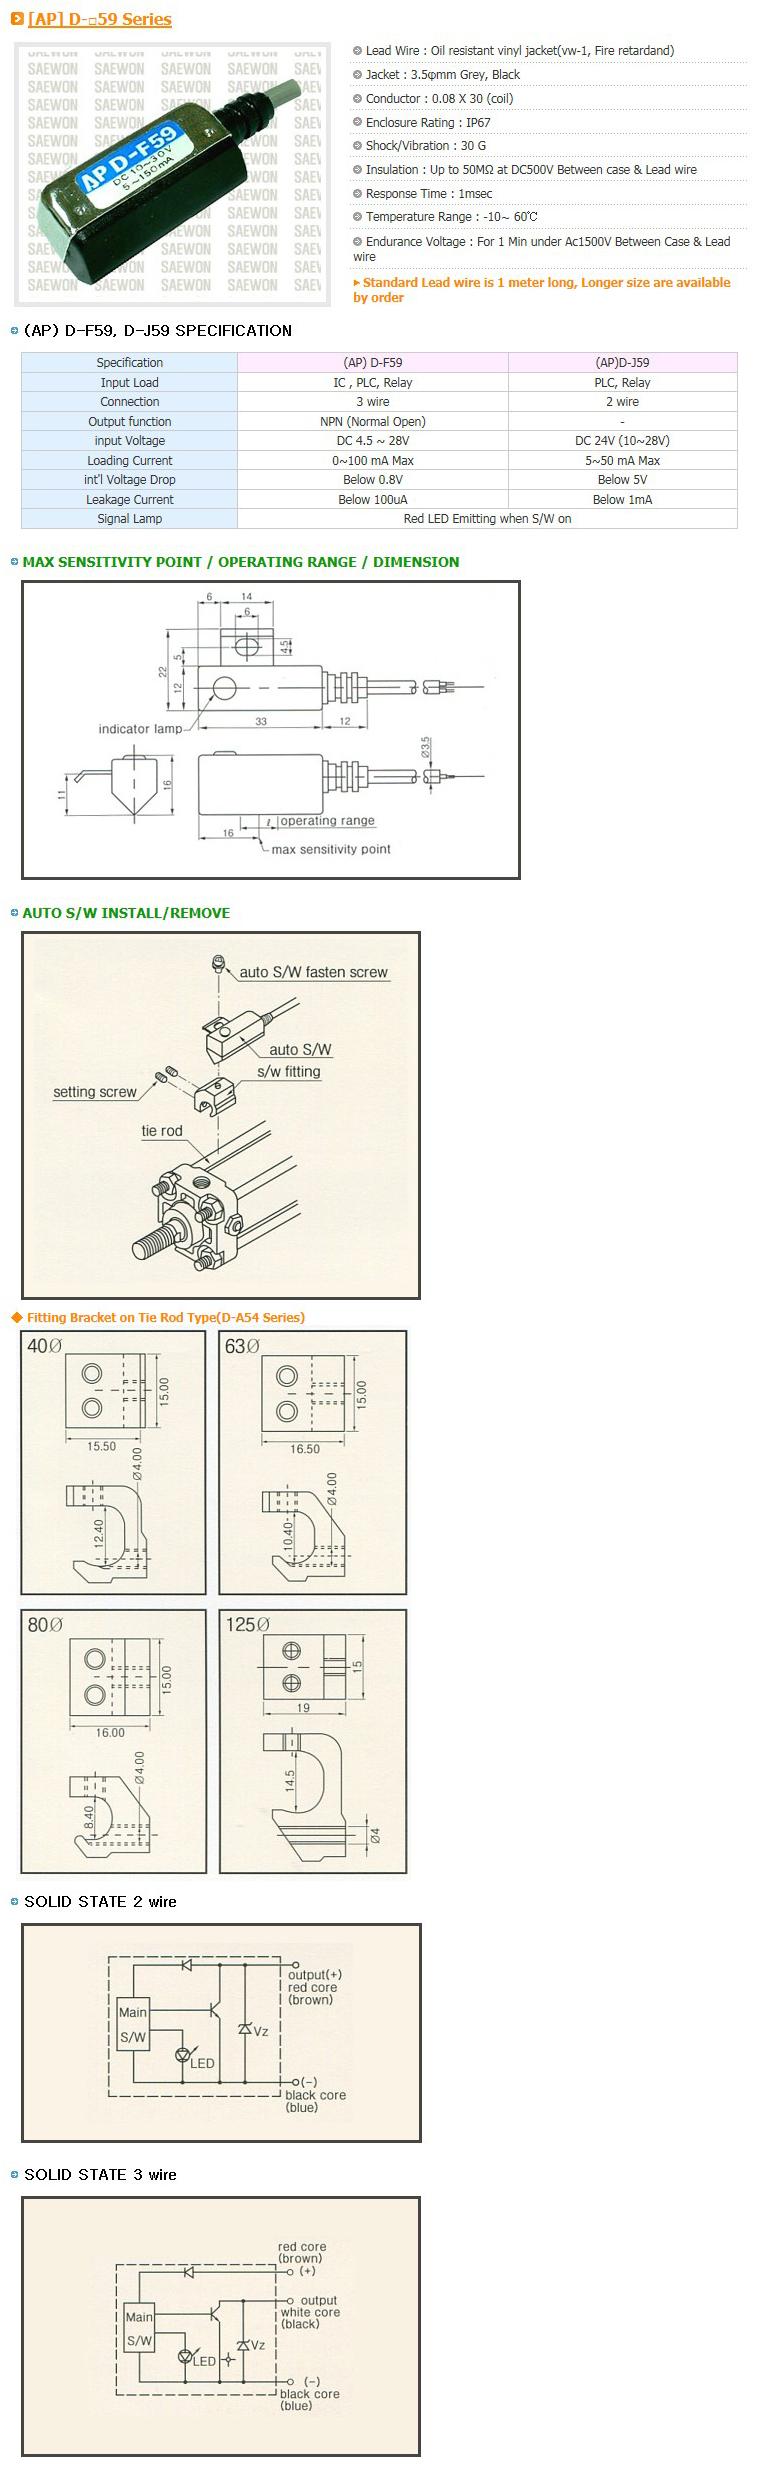 Saewon Electronics PLC AP D-59 Series